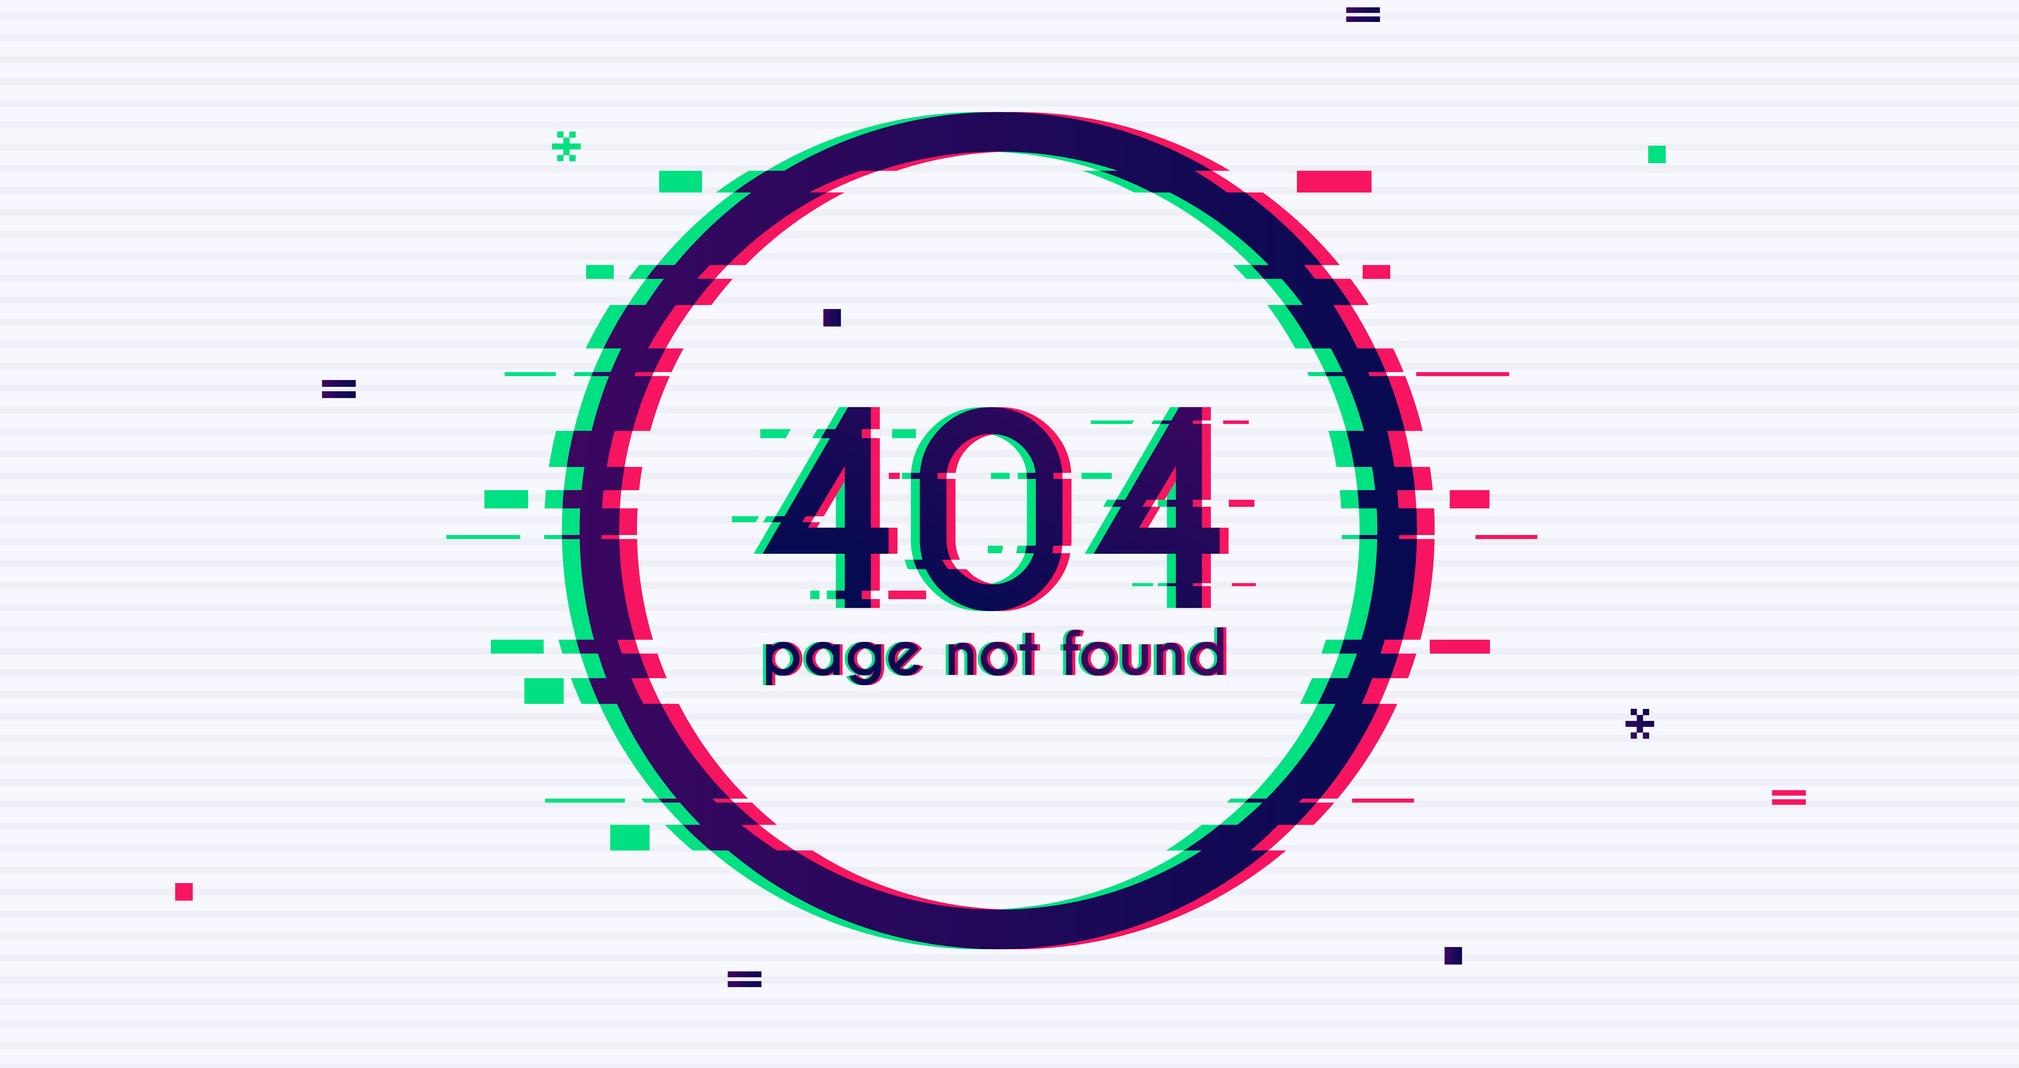 404 error from broken internal links